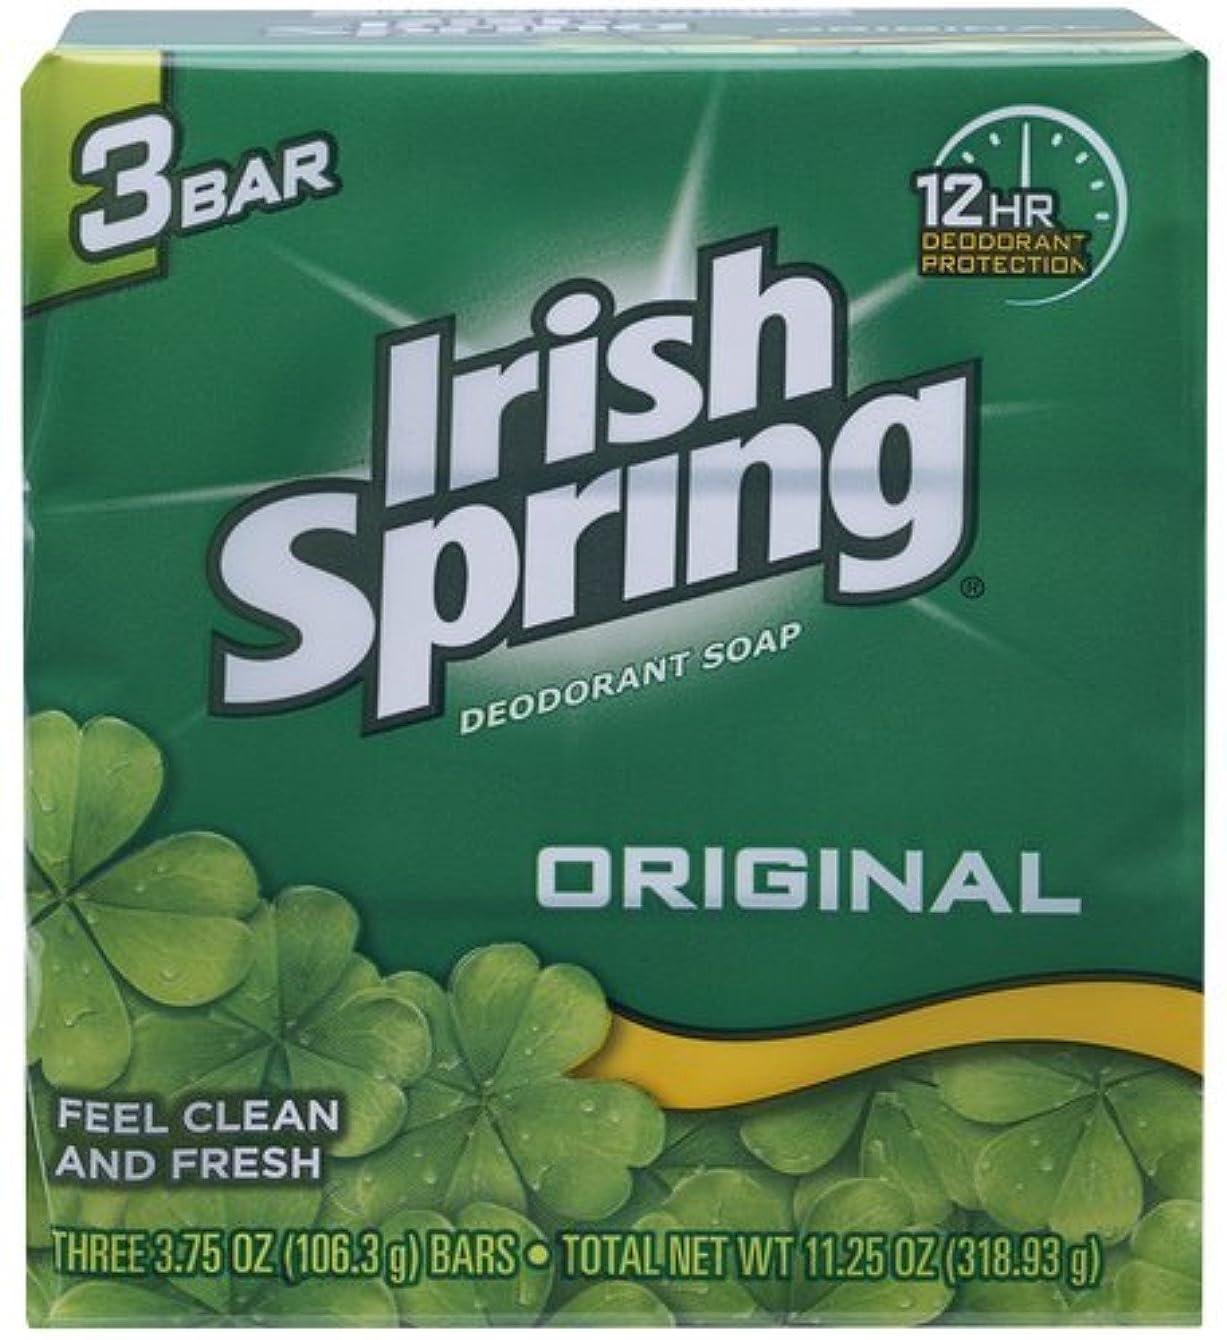 医療過誤高尚な厳しいIrish Spring デオドラント石鹸、オリジナル、3.75オズバー、3 Eaは(12パック)